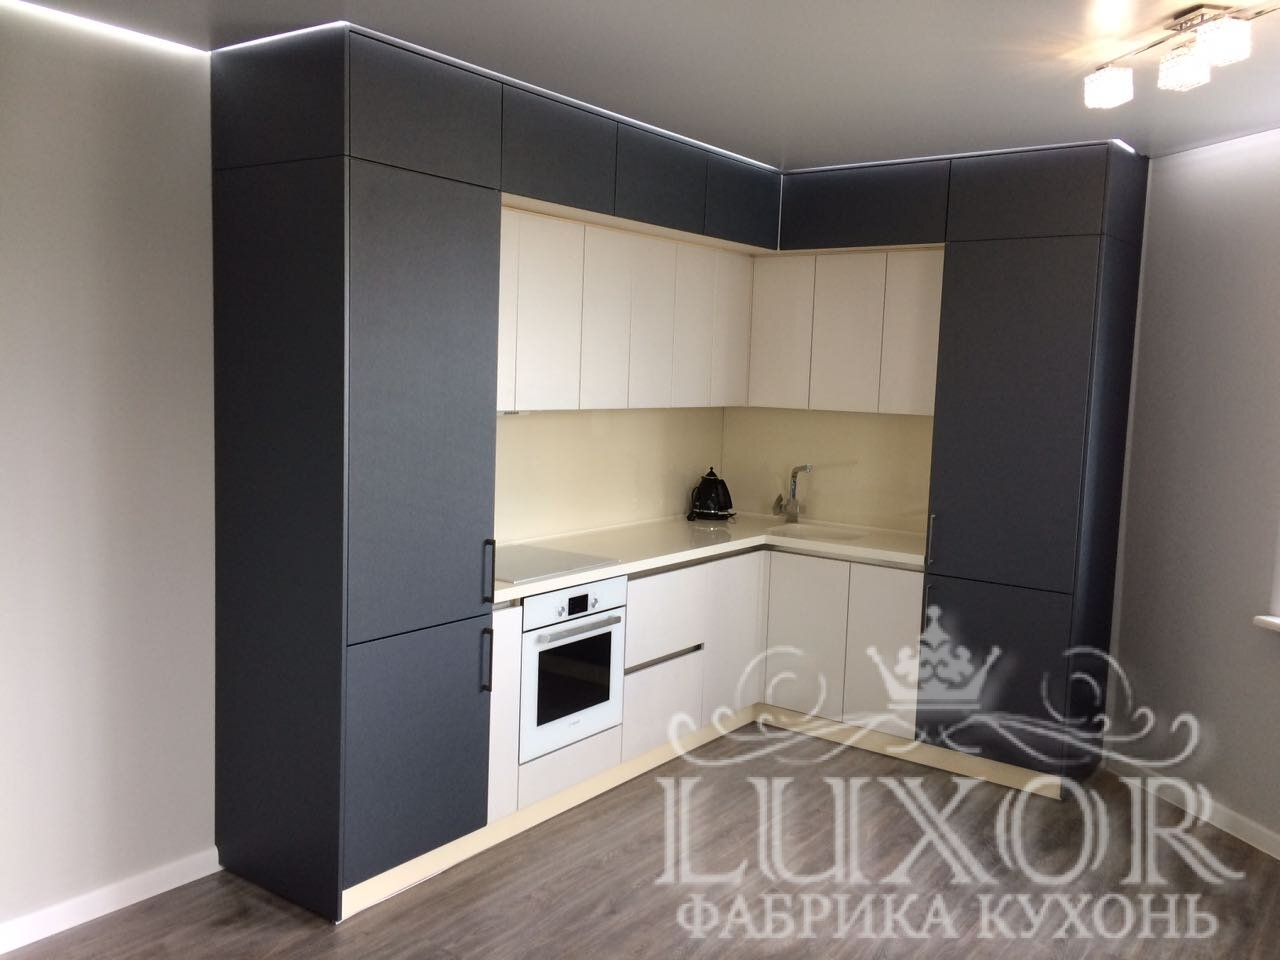 Кухня Скай - изображение